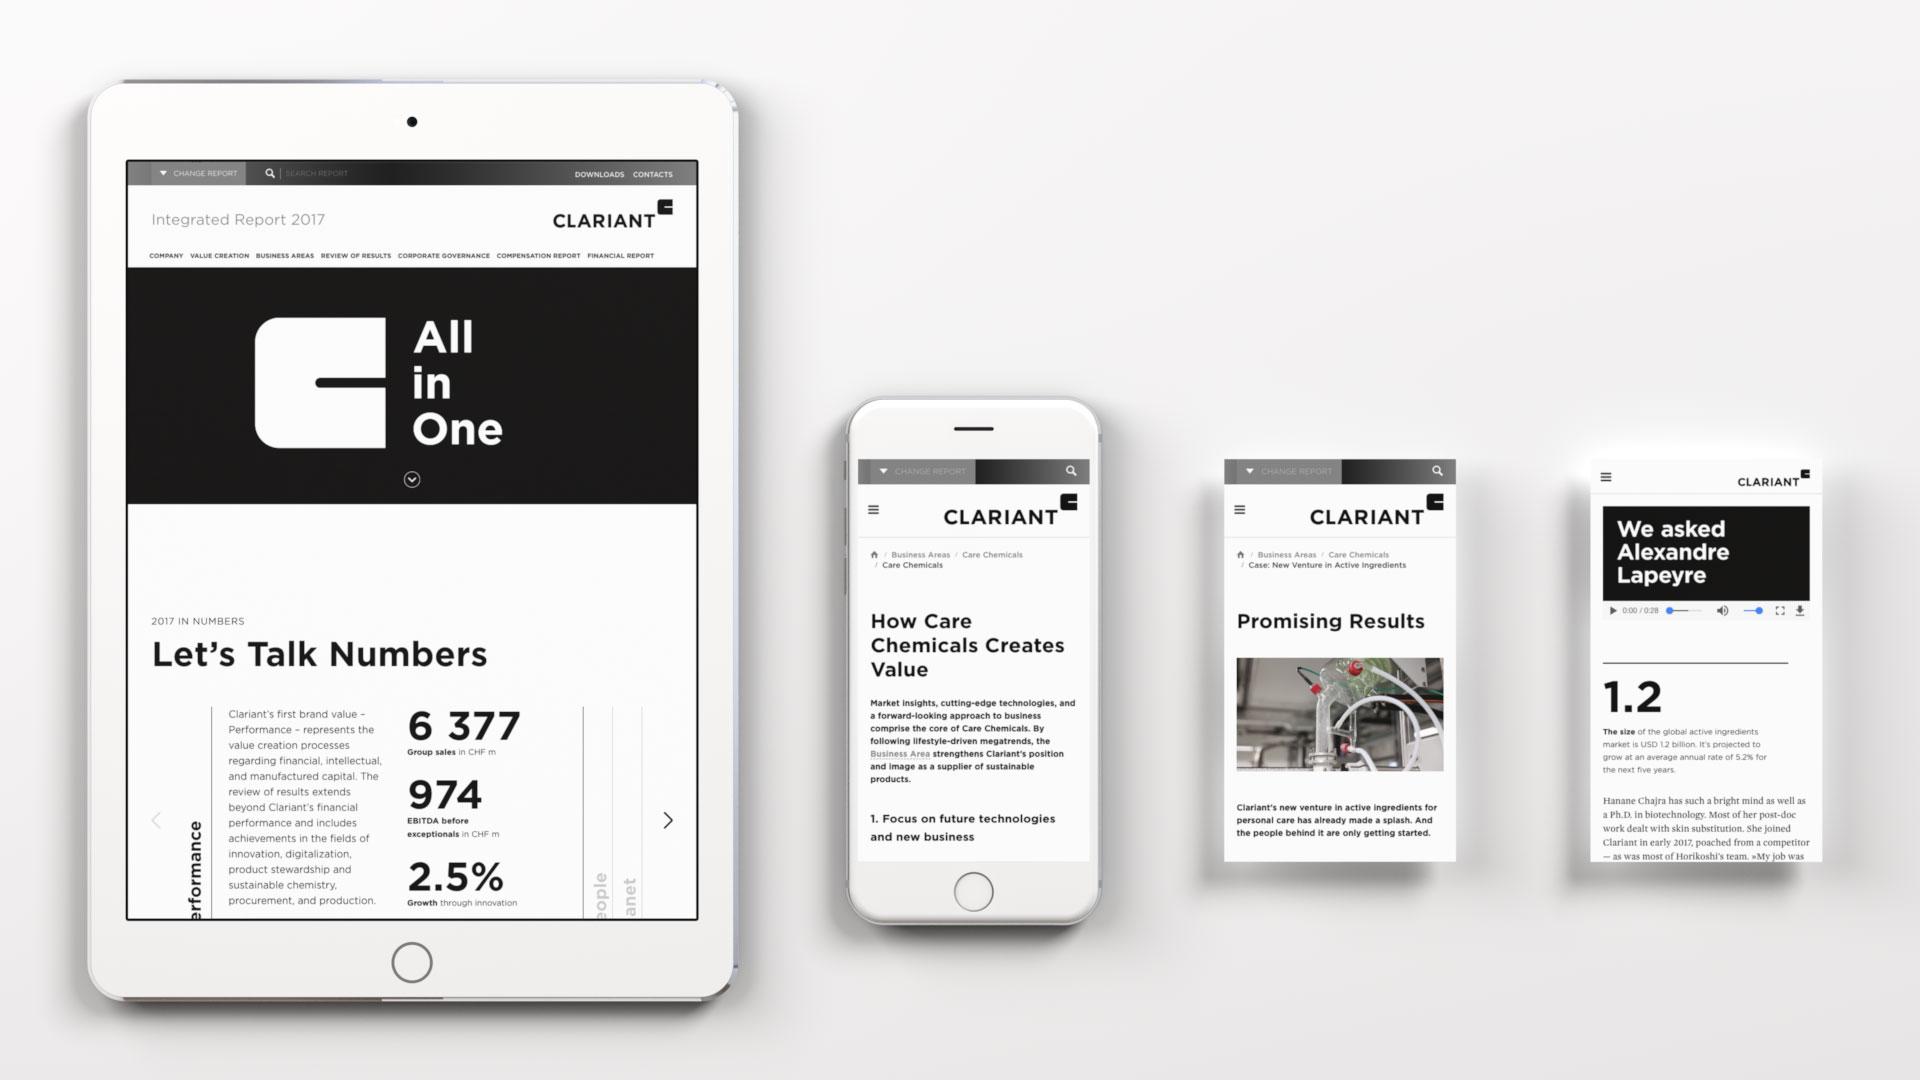 Clariant Integrierter Bericht 2017 Online